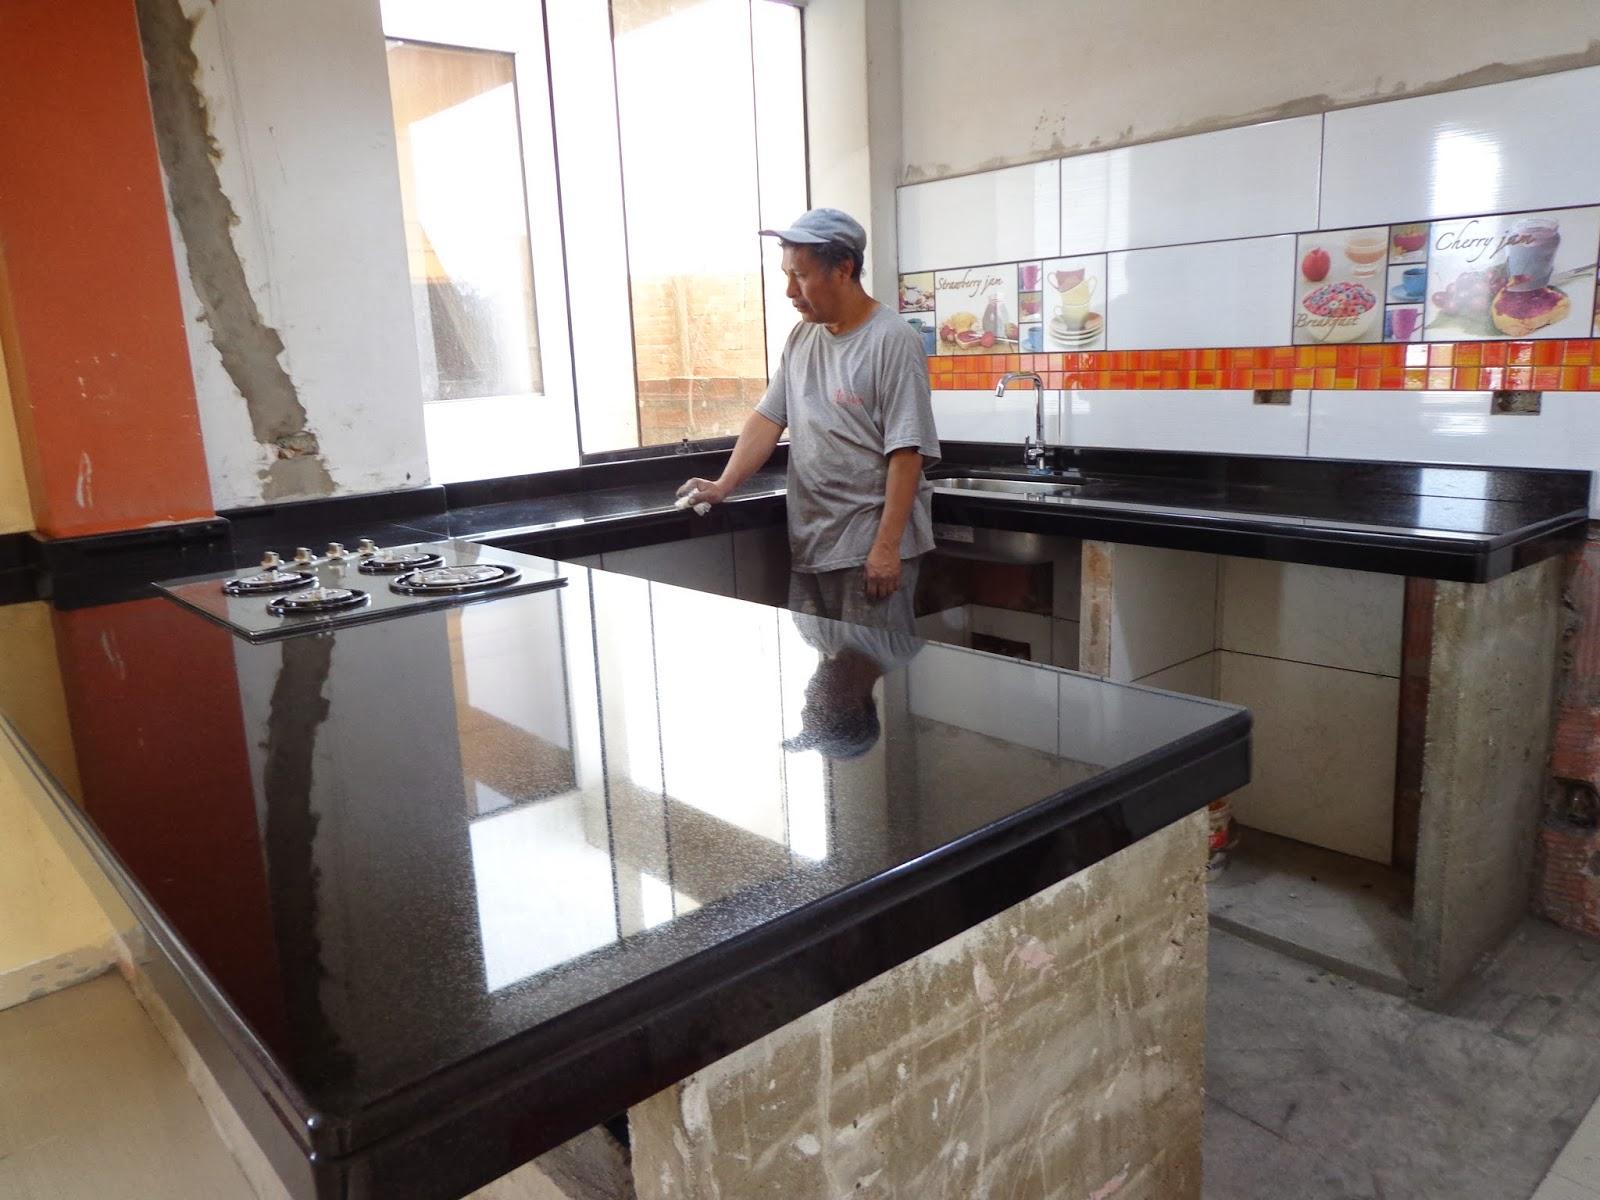 Encimeras mesas tablero cocina granito marmol piedra natural - Islas de cocina precios ...